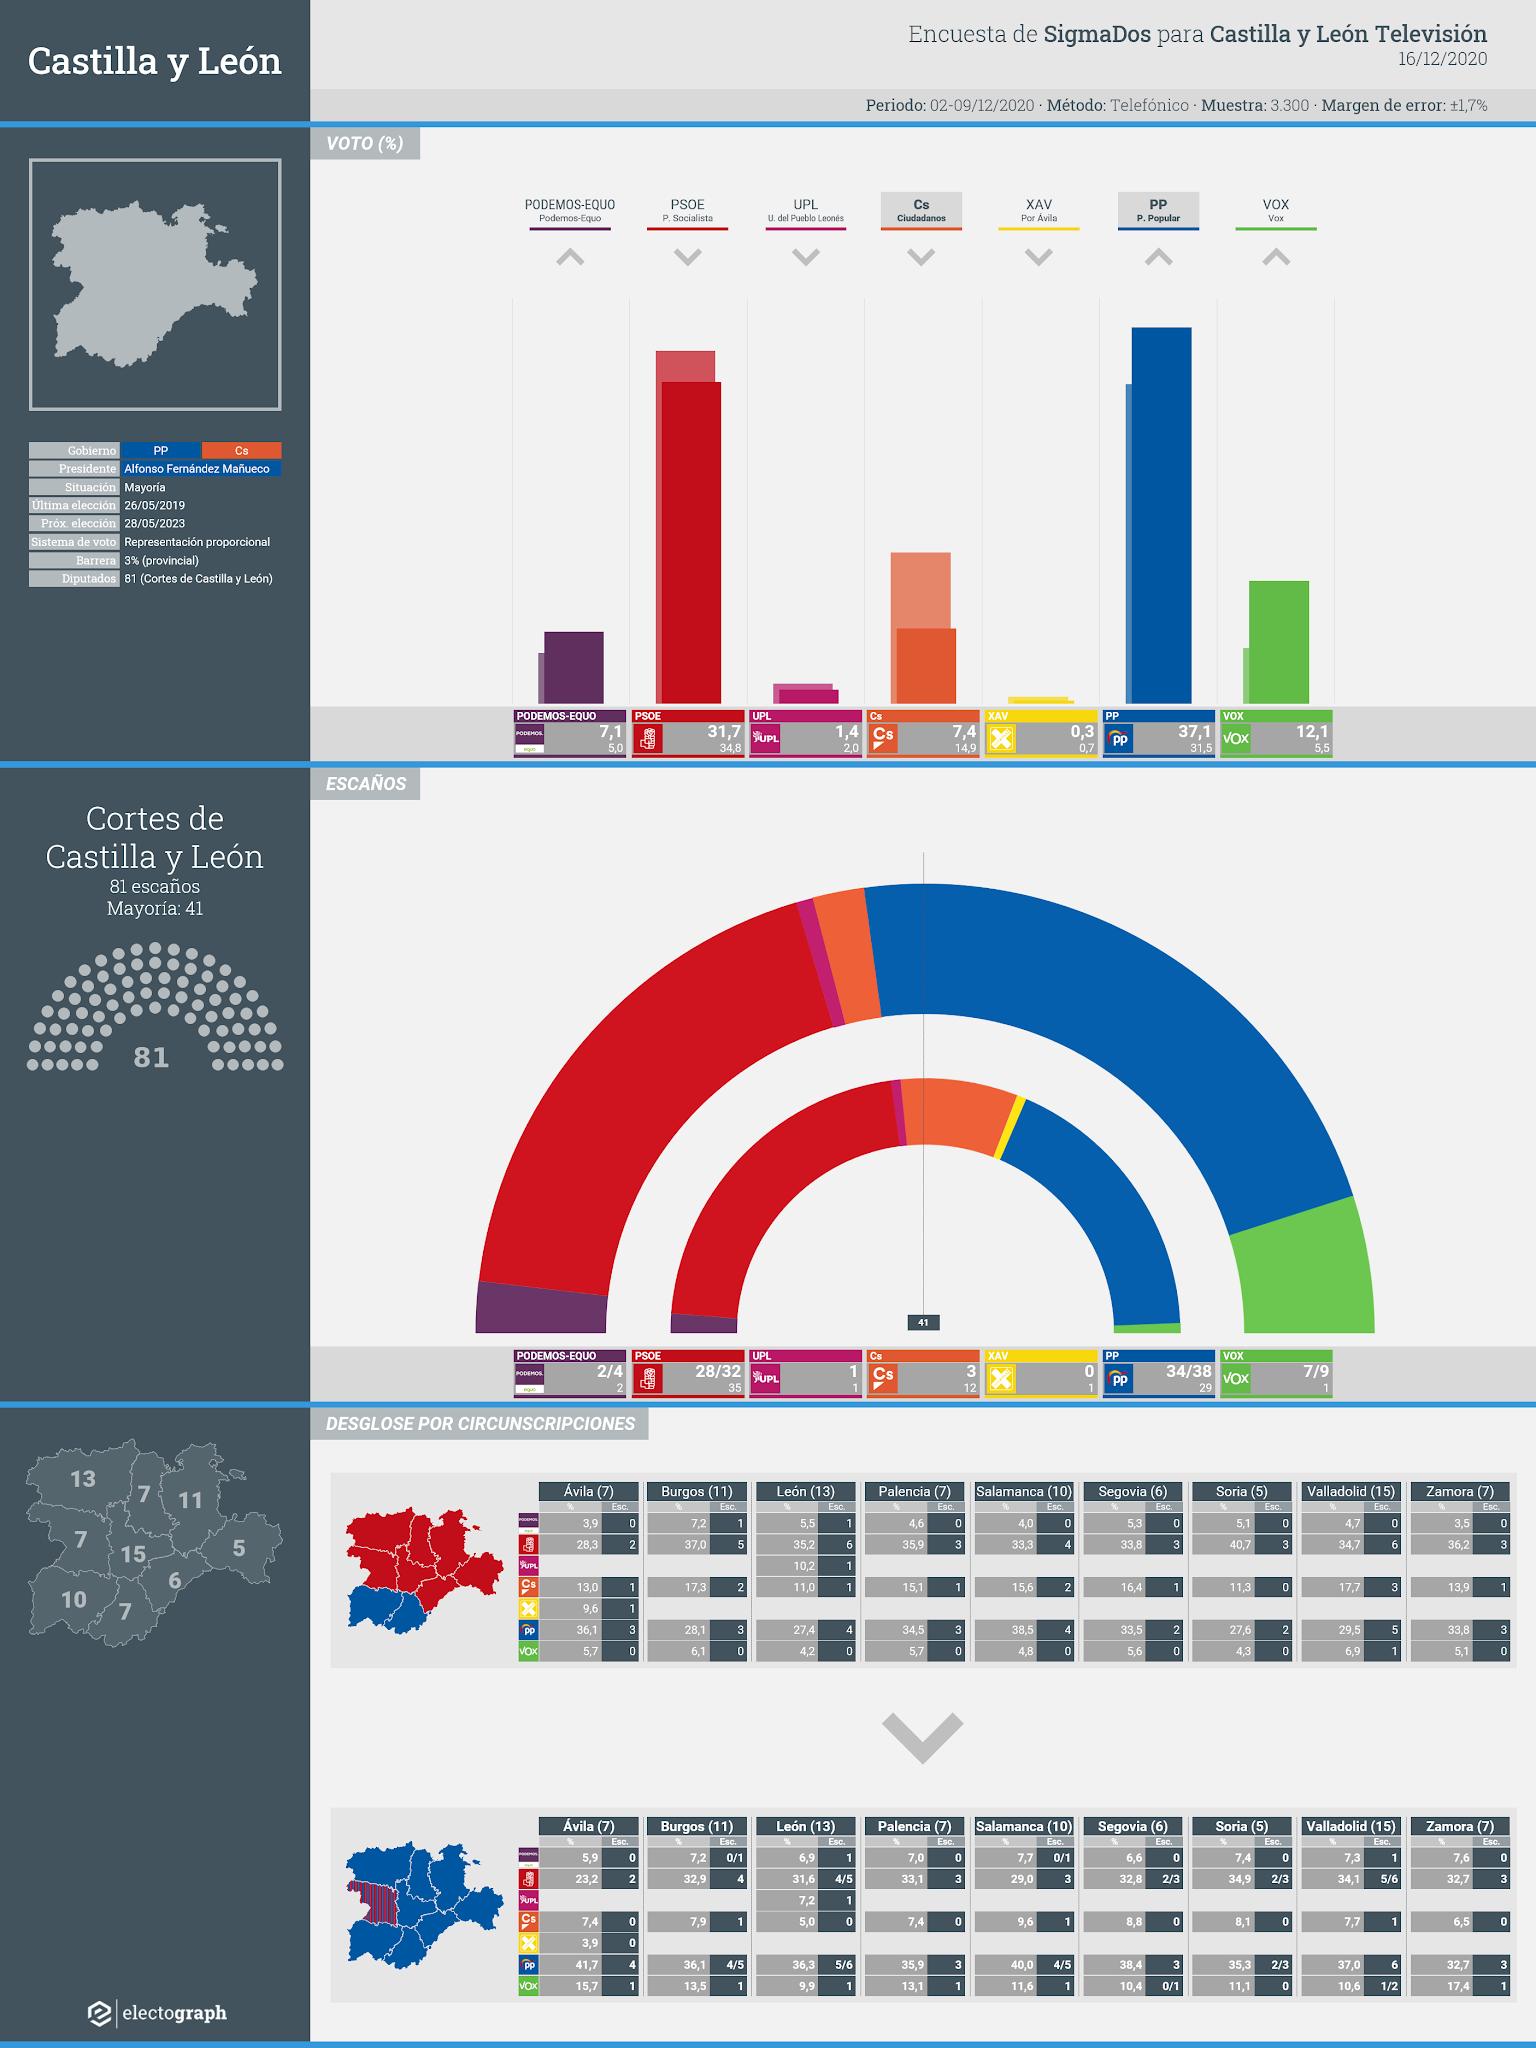 Gráfico de la encuesta para elecciones autonómicas en Castilla y León realizada por SigmaDos para Castilla y León Televisión, 16 de diciembre de 2020